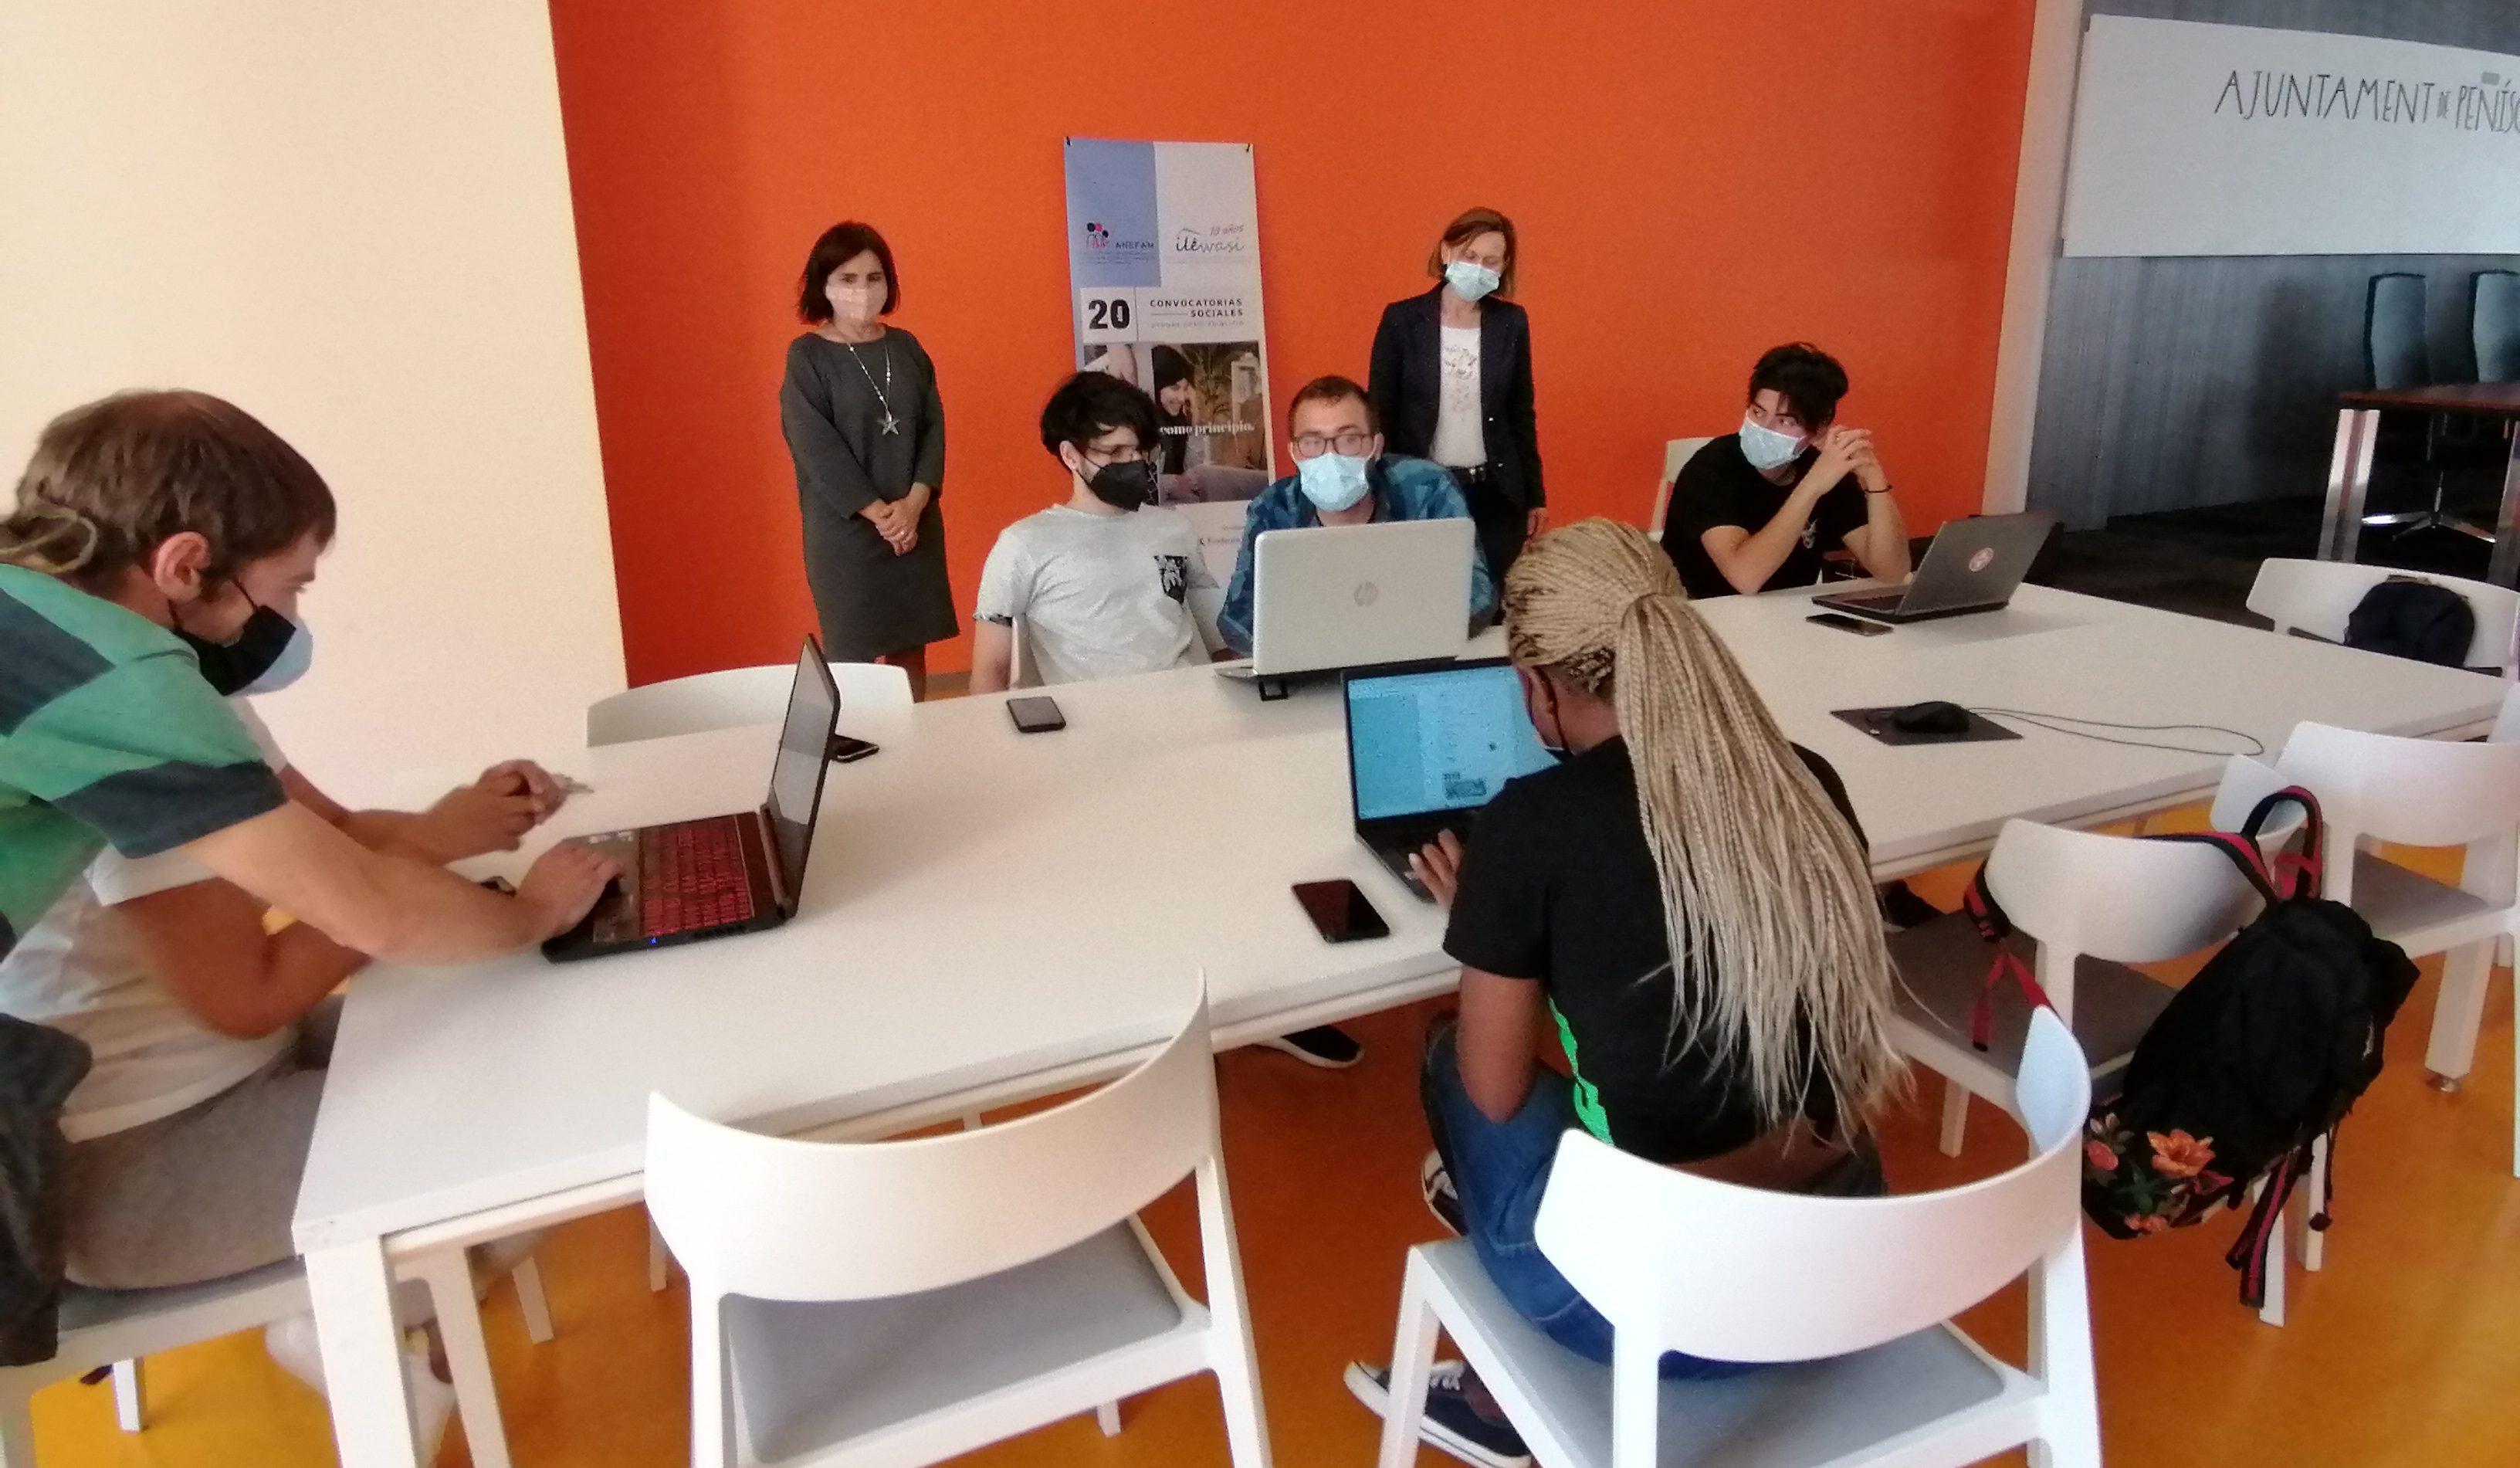 Peníscola, municipi pilot del Programa MARCO per a la reinserció laboral de joves